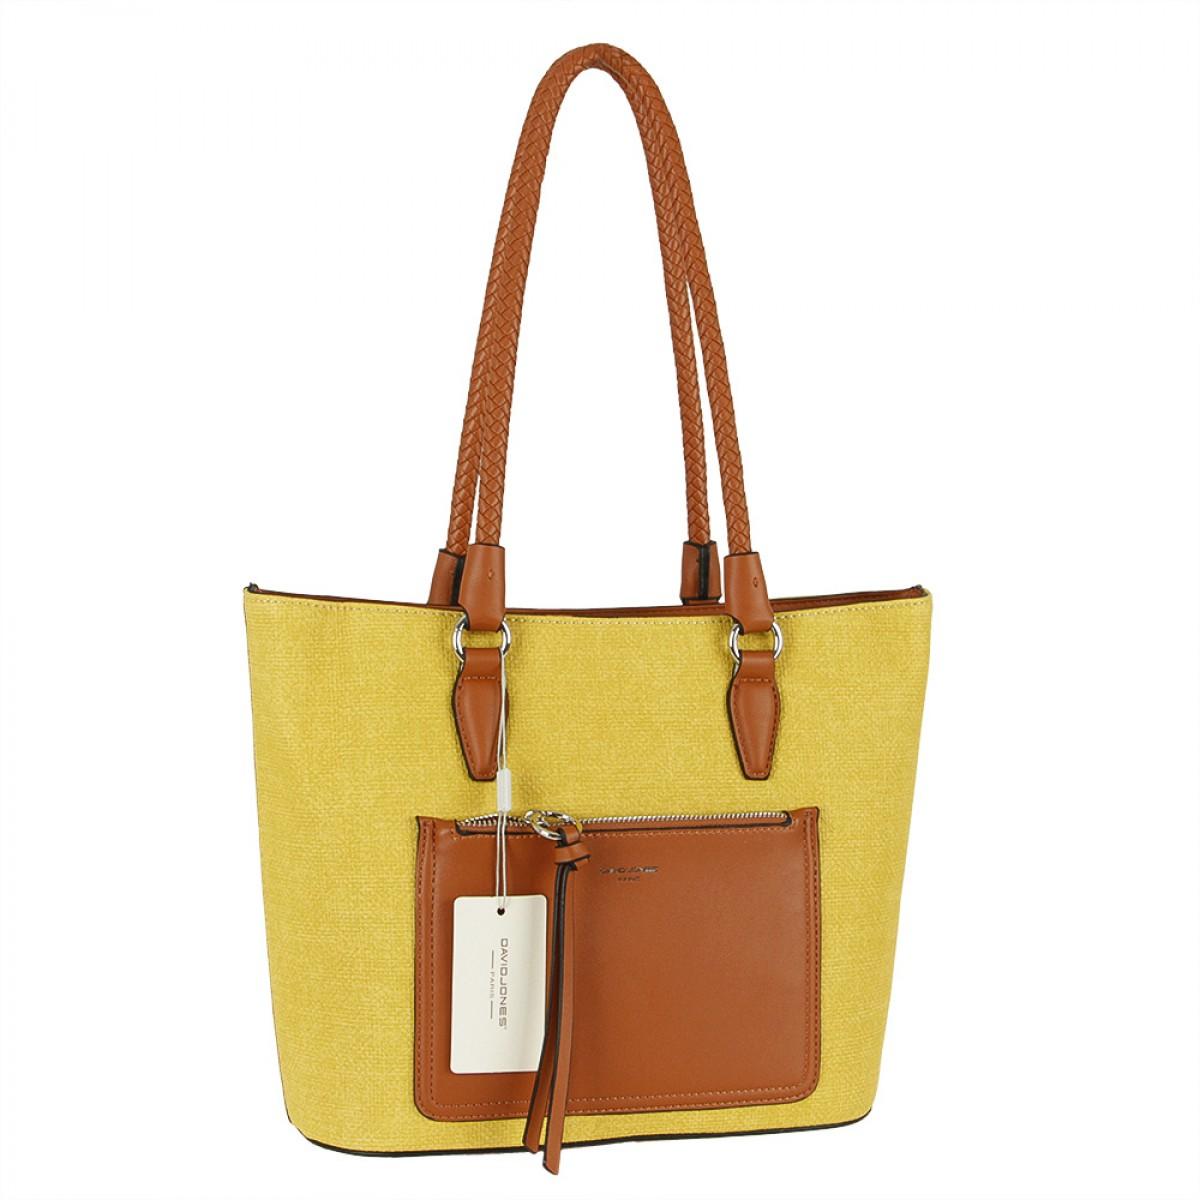 Жіноча сумка David Jones 6320-2 YELLOW